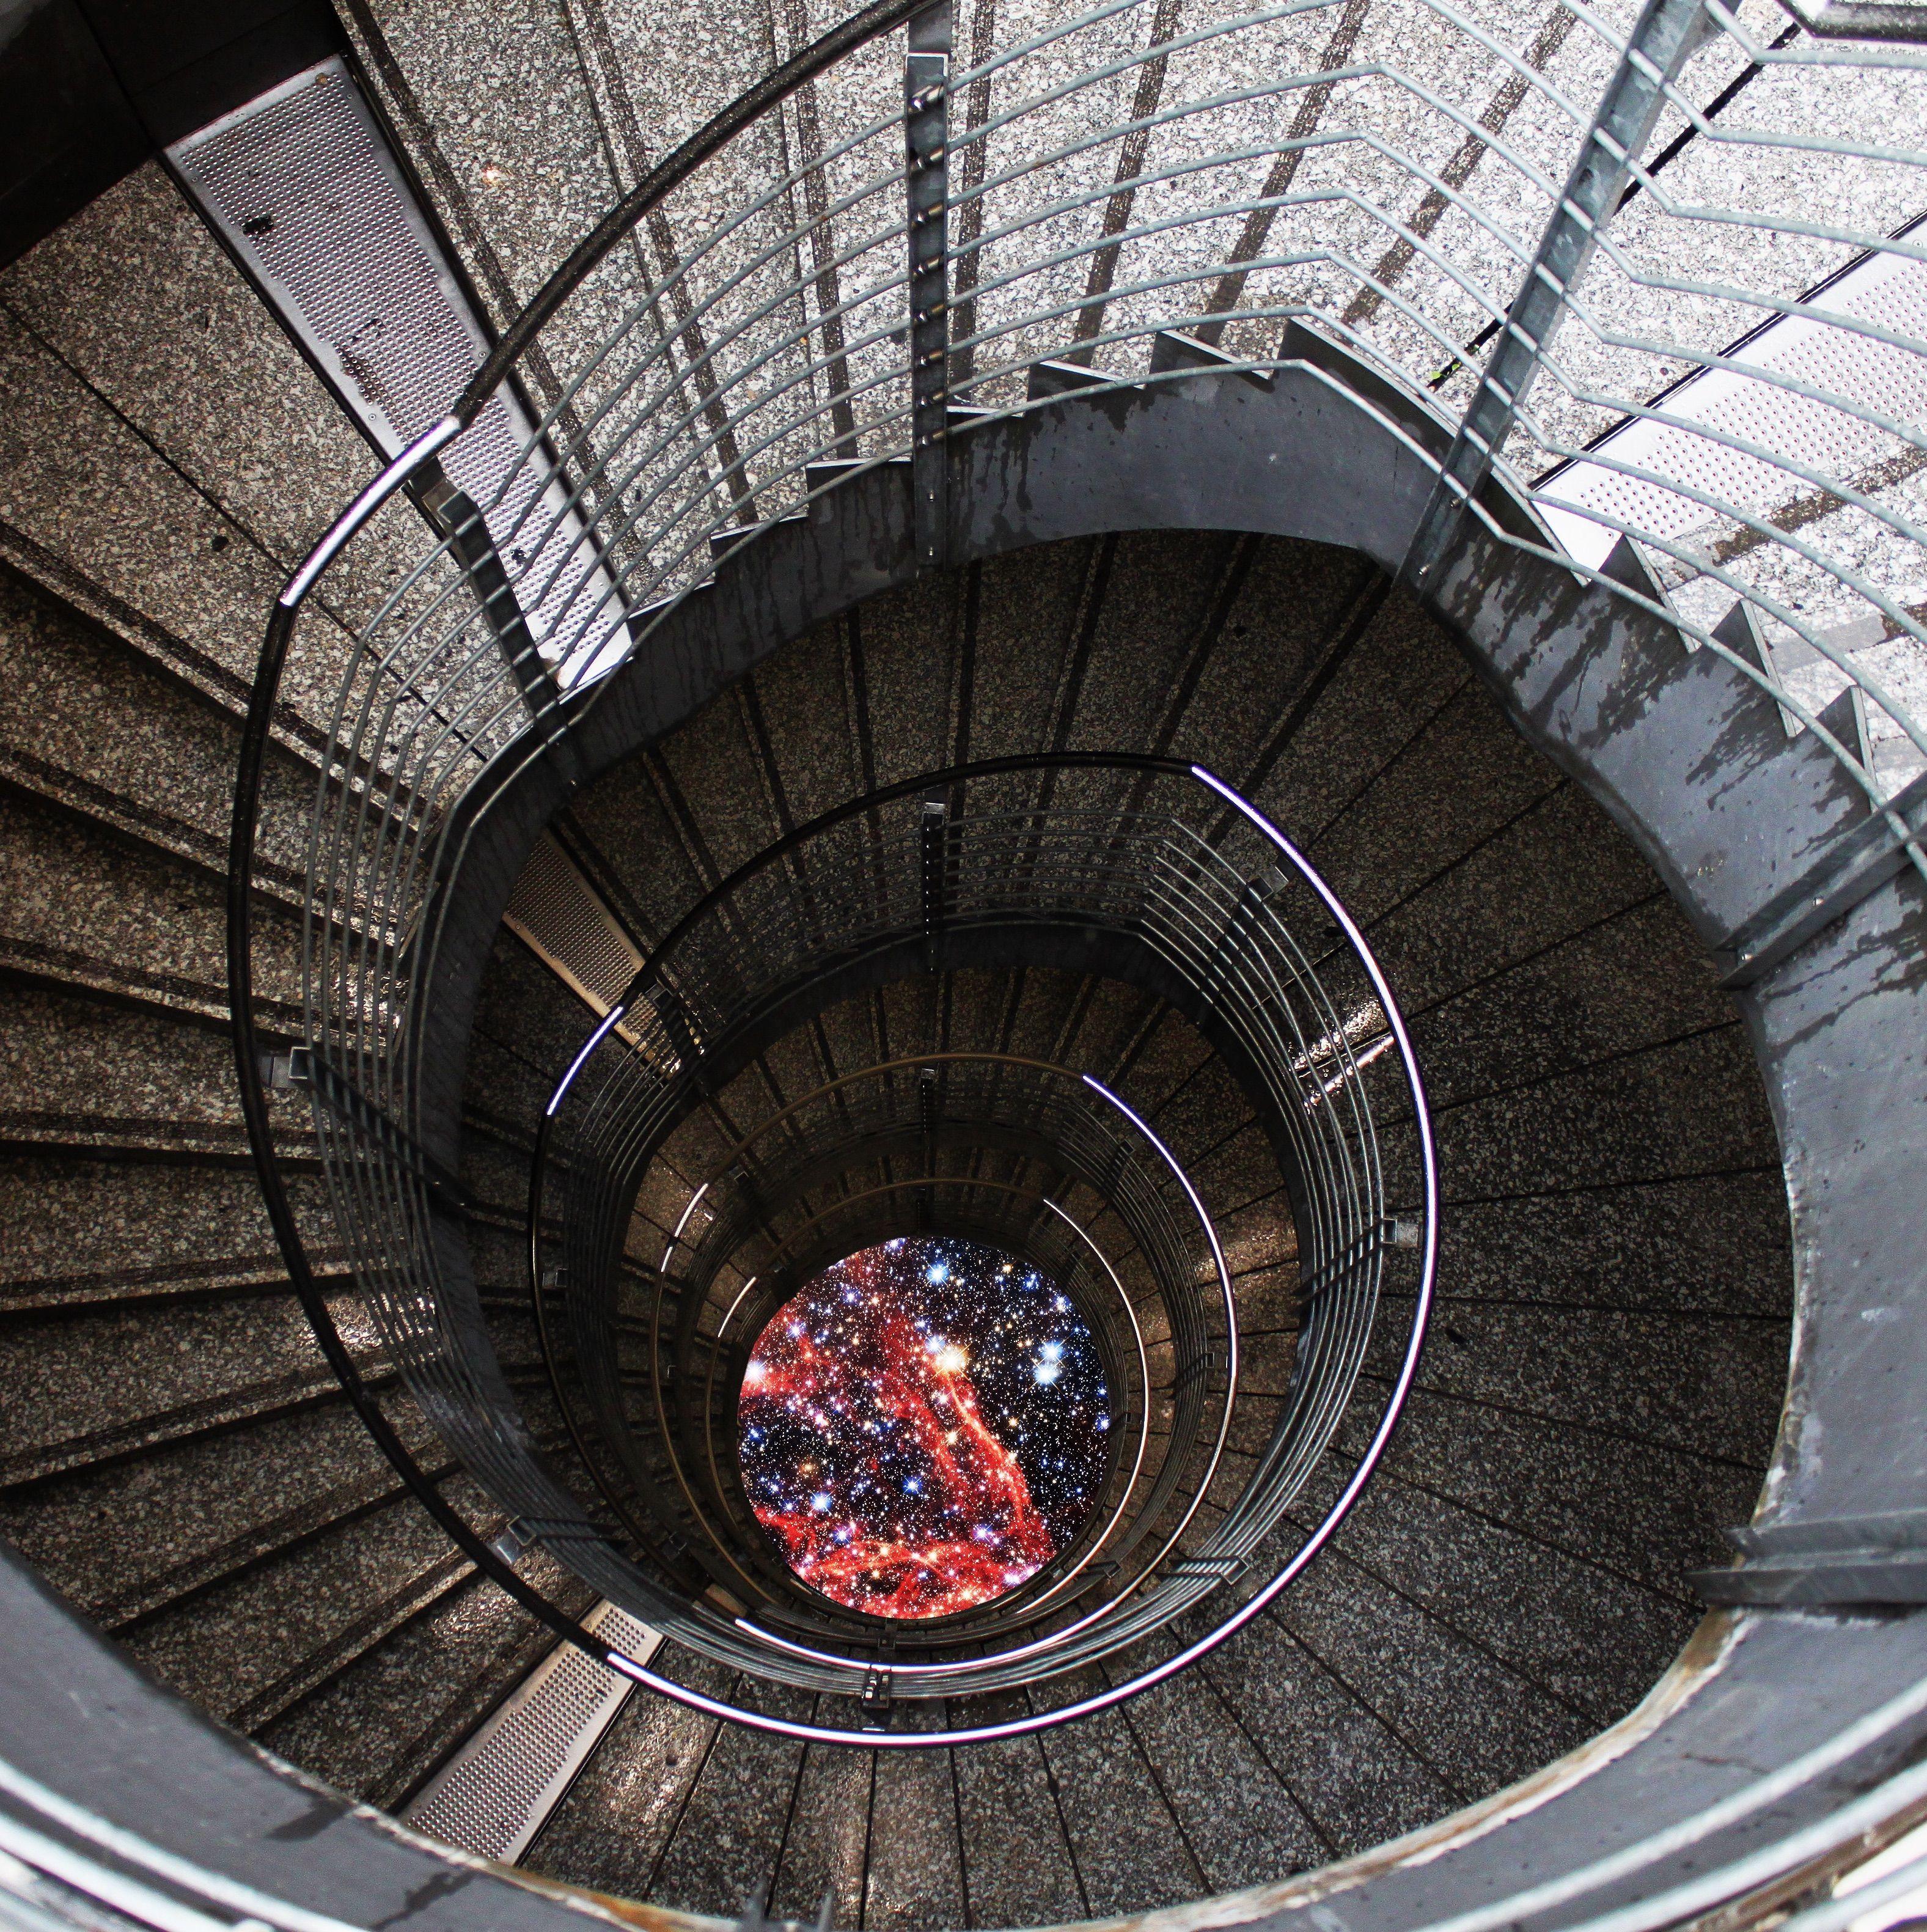 Aus der Vogelperspektive sieht eine:r eine Wendeltreppe, die nach unten führt. Anstelle des Bodens sieht eine:r ein Bild vom Universum in der Mitte der Treppe.